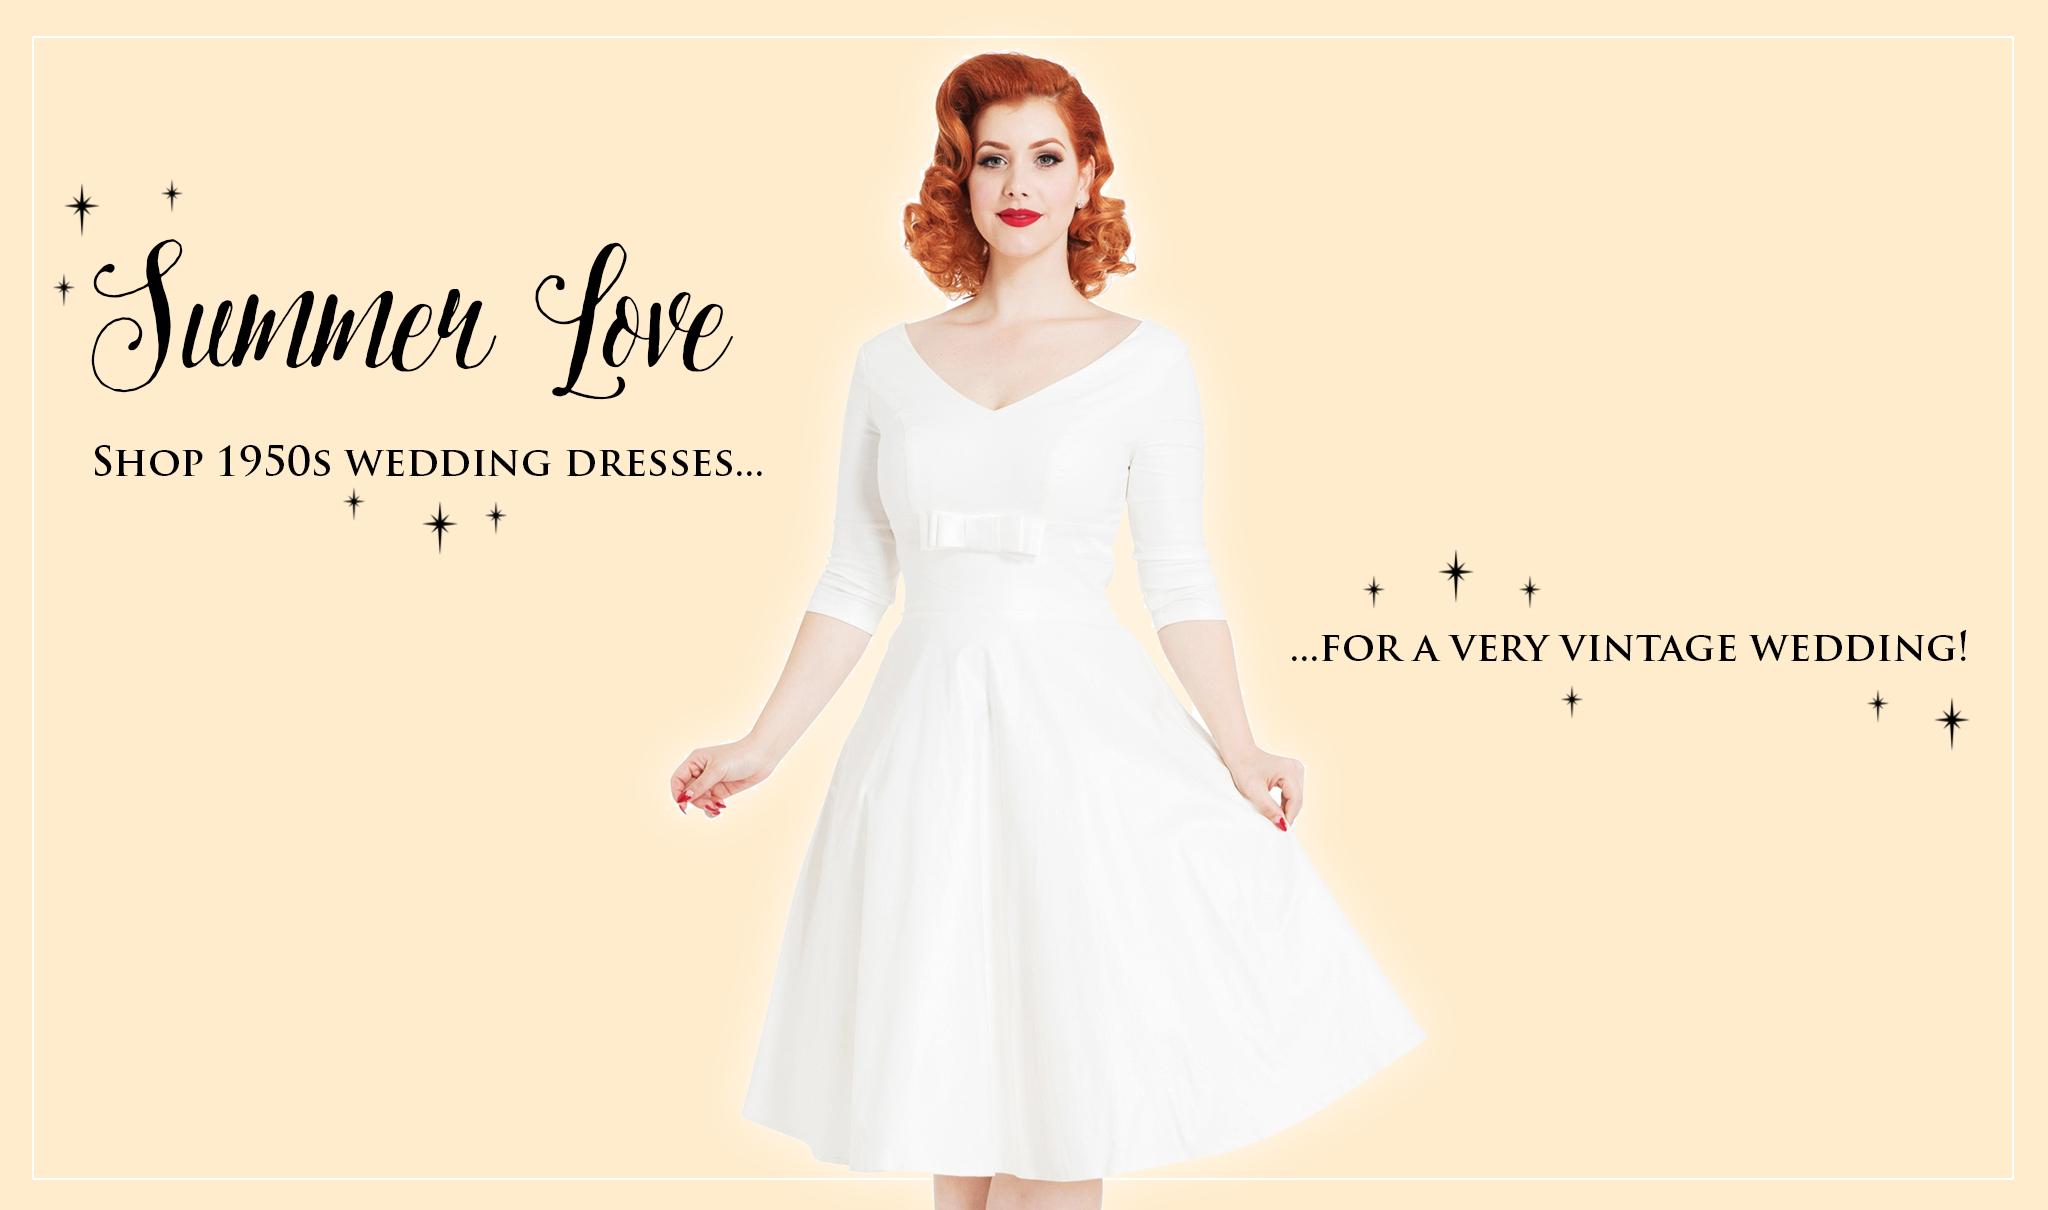 Vintage 1950s Wedding Dresses by Voodoo Vixen